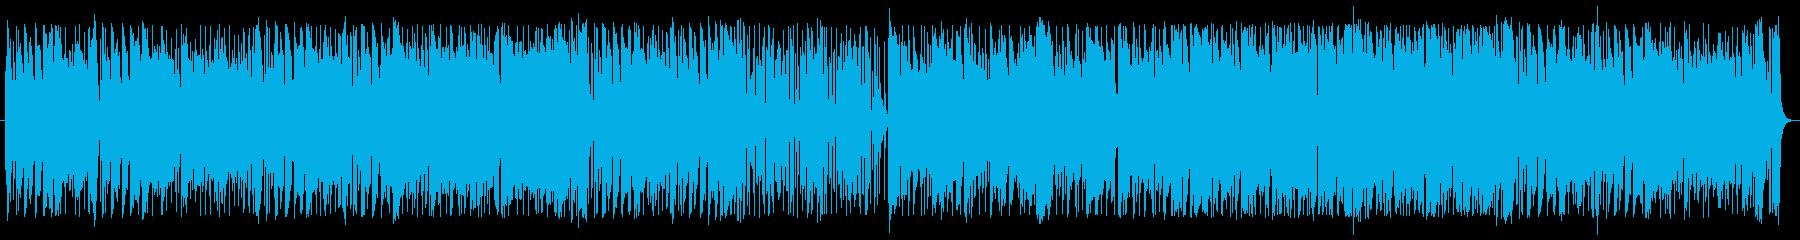 懐かしい感じの軽快なOP系インストの再生済みの波形